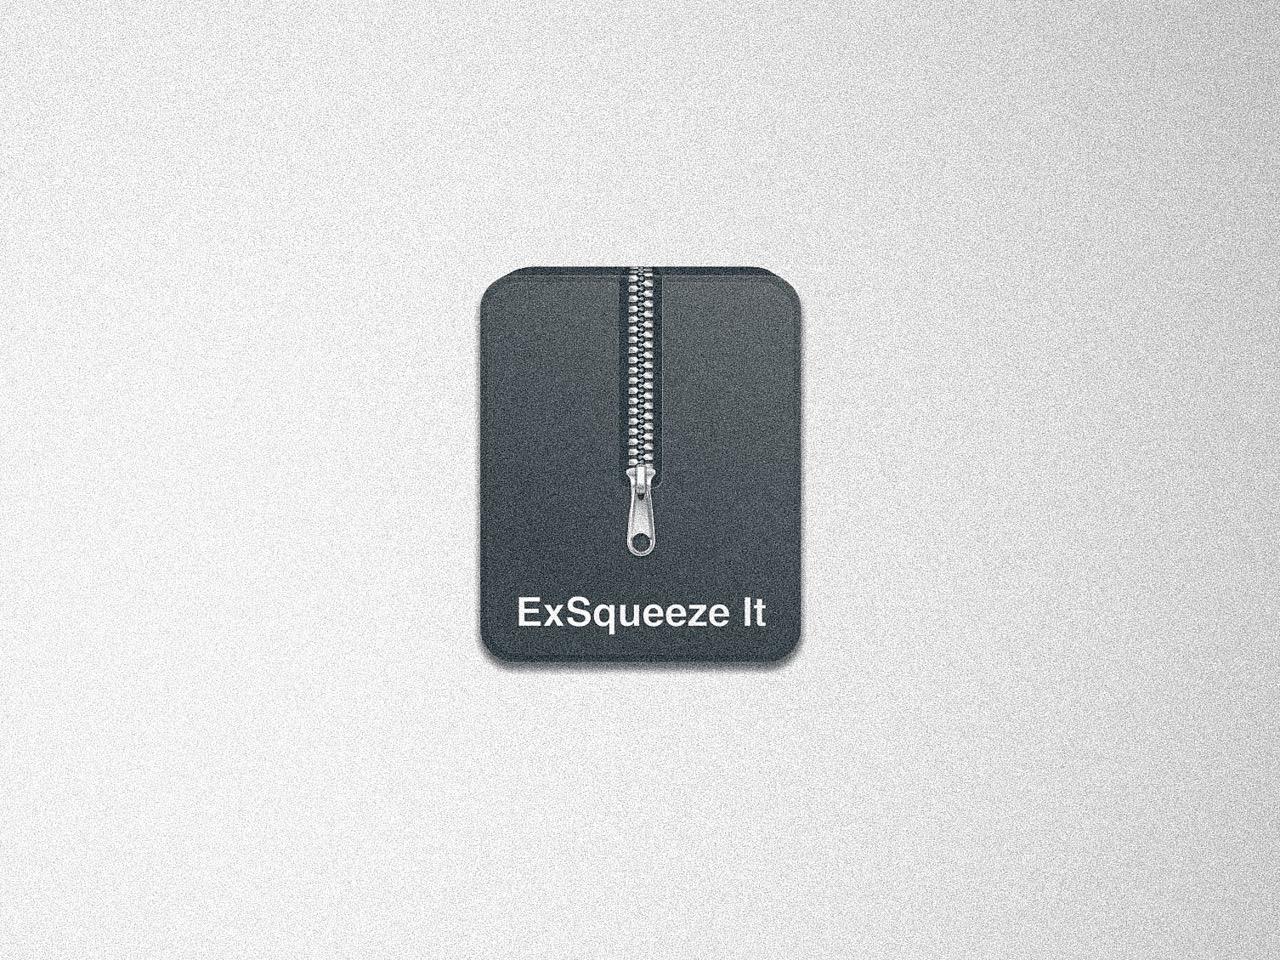 【おすすめMacアプリ】ExSqueeze it